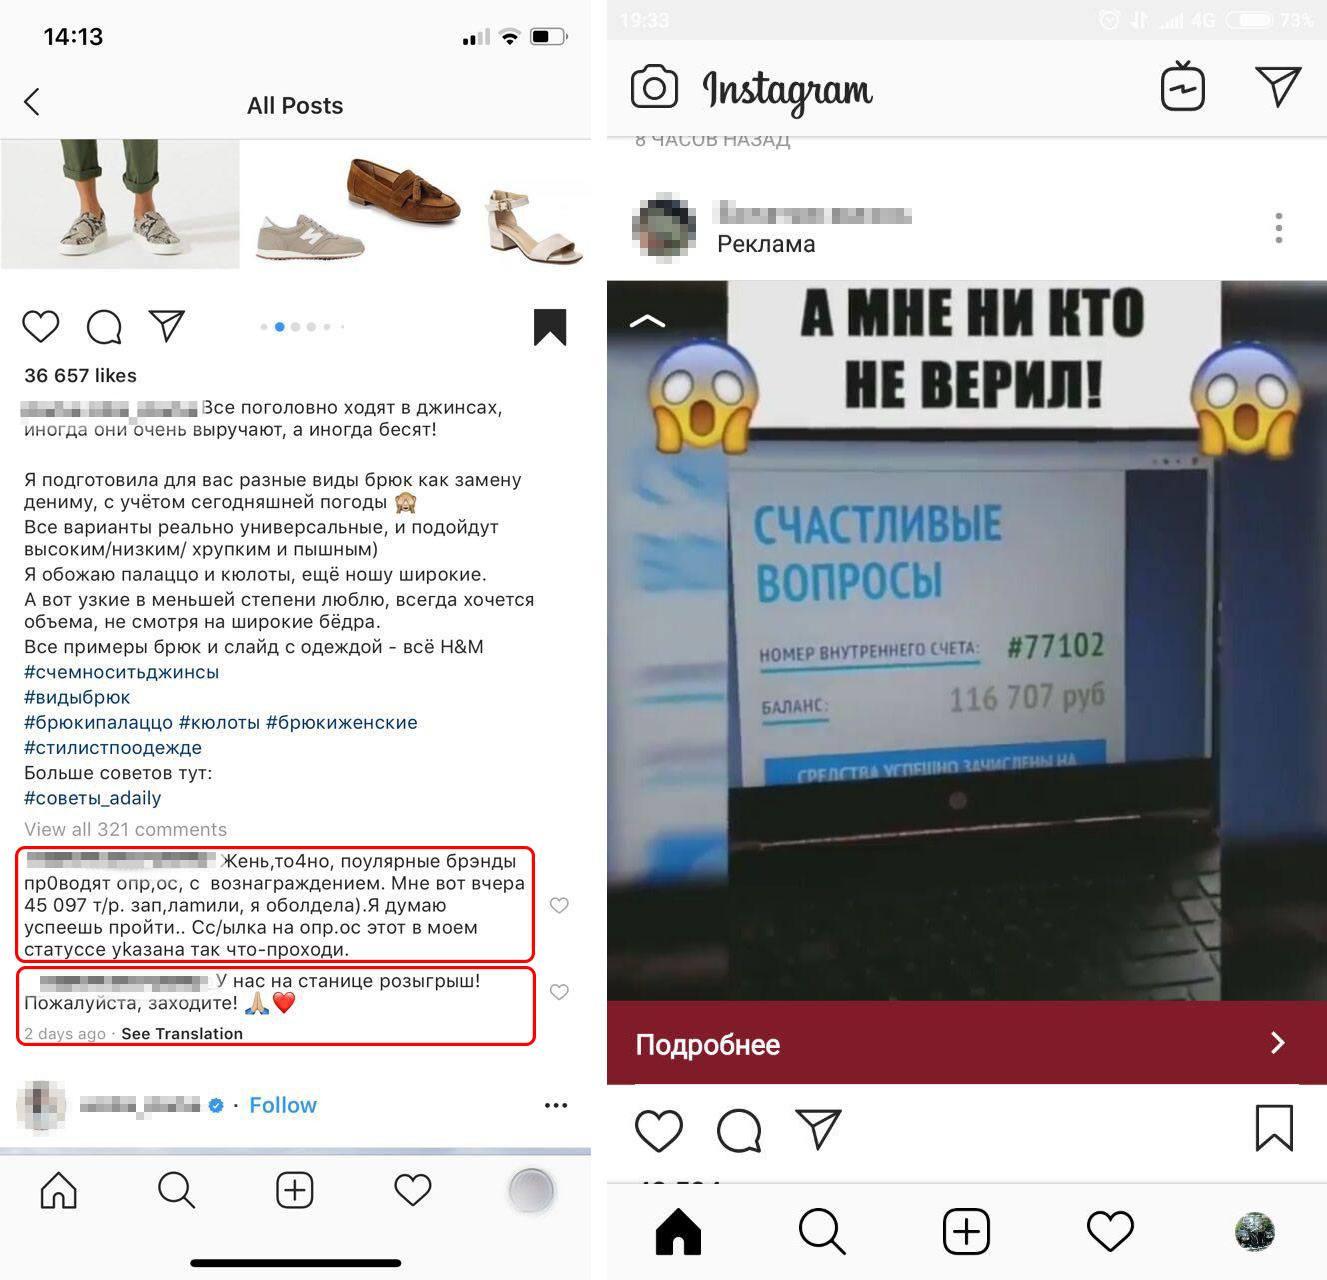 Комментарий к посту в Instagram, продвигающий платные опросы